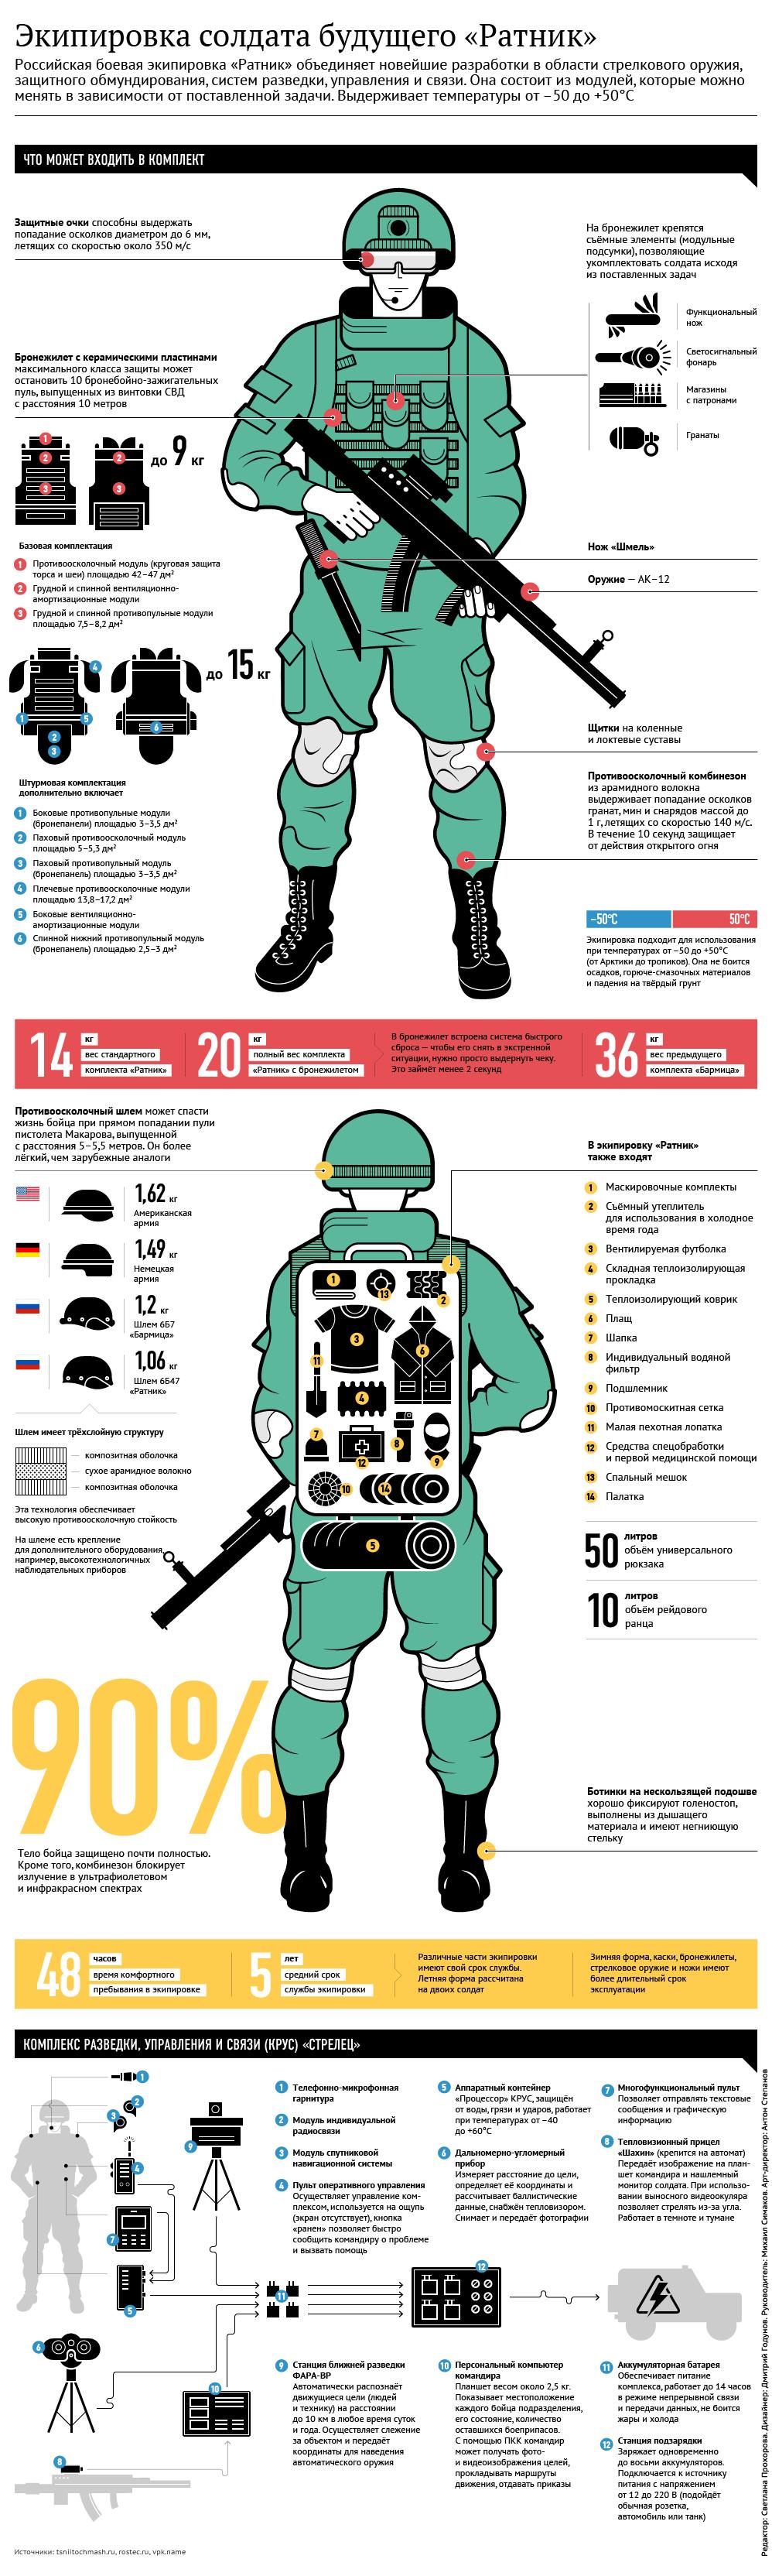 Ратник - инфографика